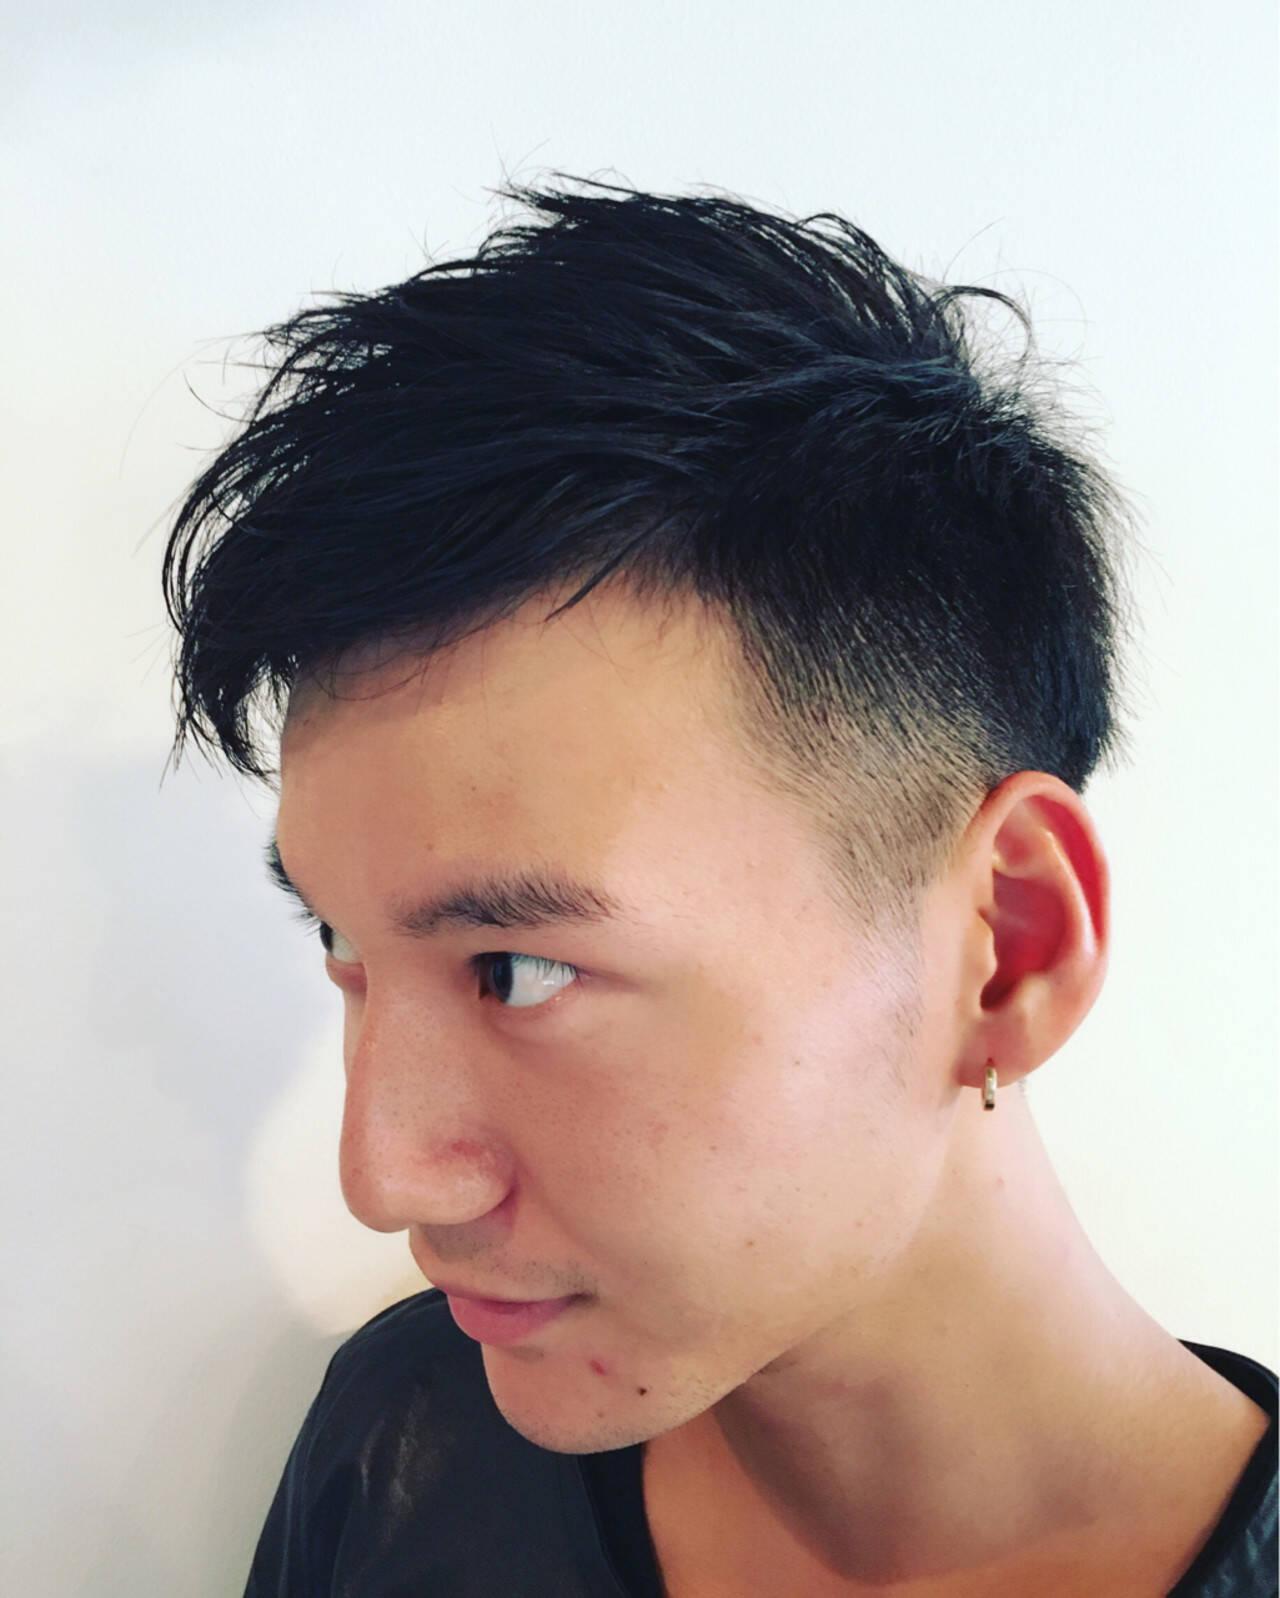 ボーイッシュ パーマ ショート 黒髪ヘアスタイルや髪型の写真・画像